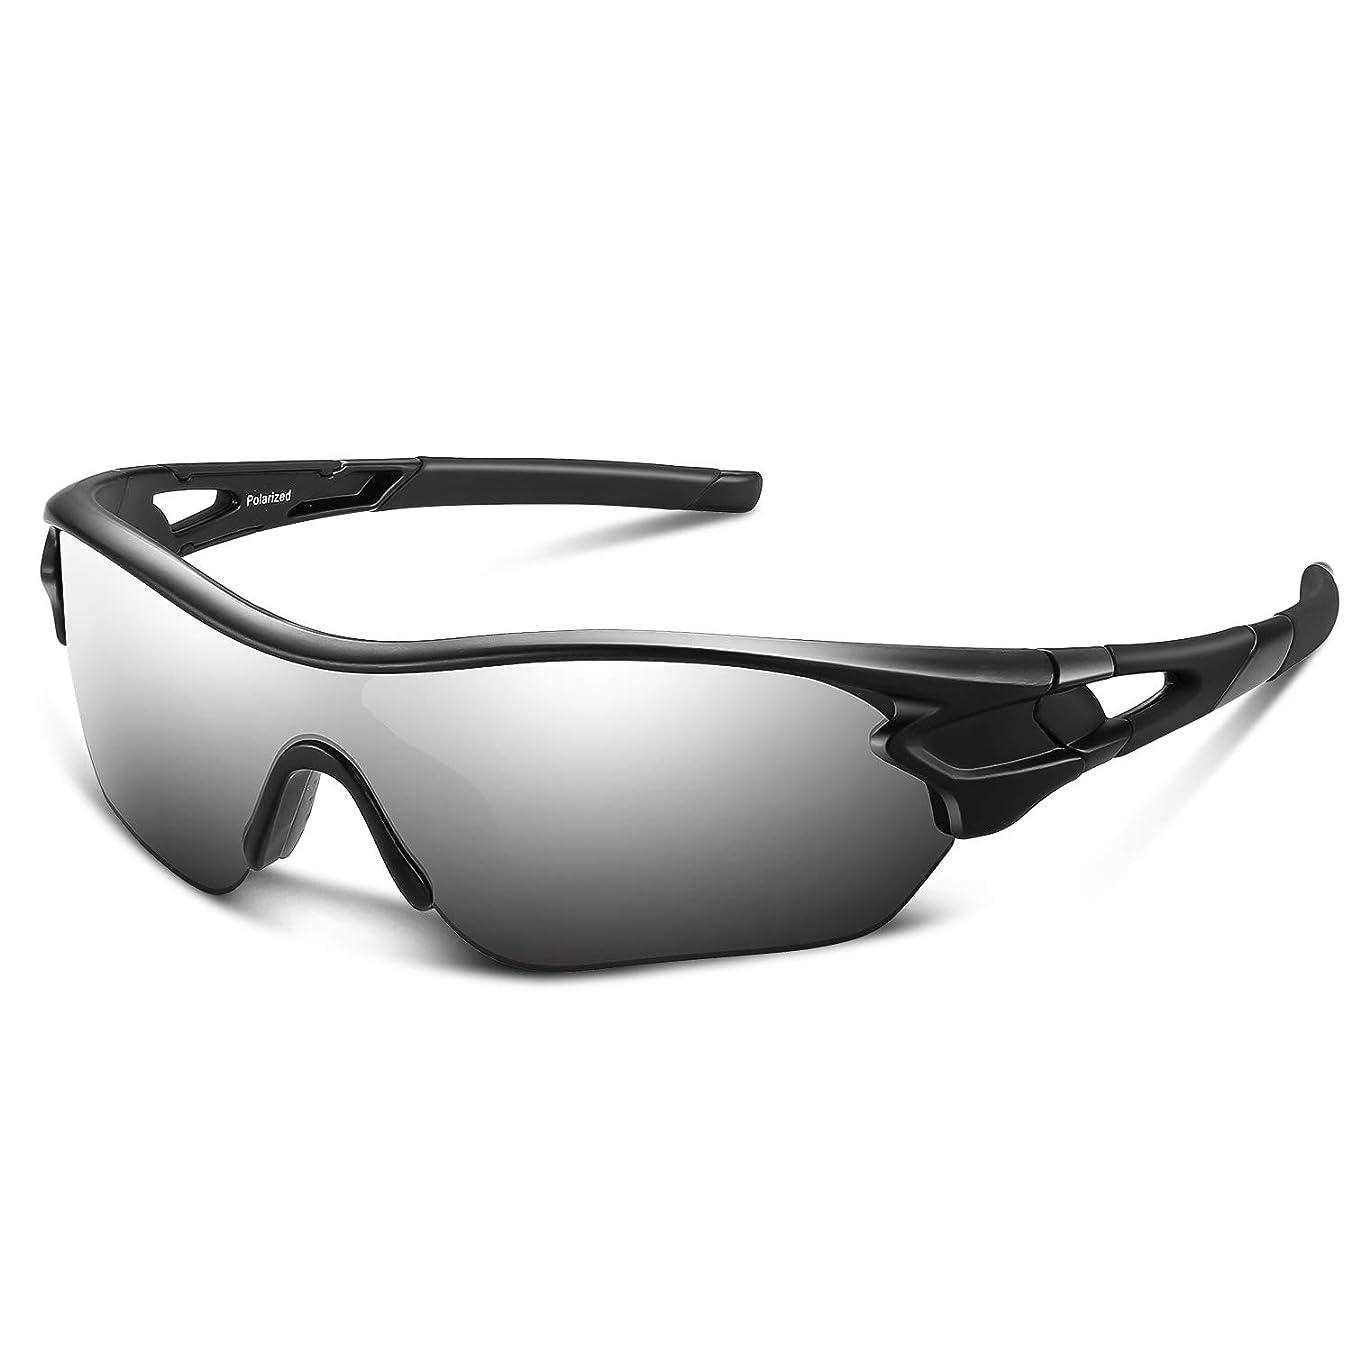 宿る申込み舌スポーツサングラス 偏光レンズ 自転車 登山 釣り 野球 ゴルフ ランニング ドライブ バイク テニス スキー 超軽量 UV400 TAC TR90 紫外線防止 メンズ レディース ユニセックス サングラス 安全 清晰